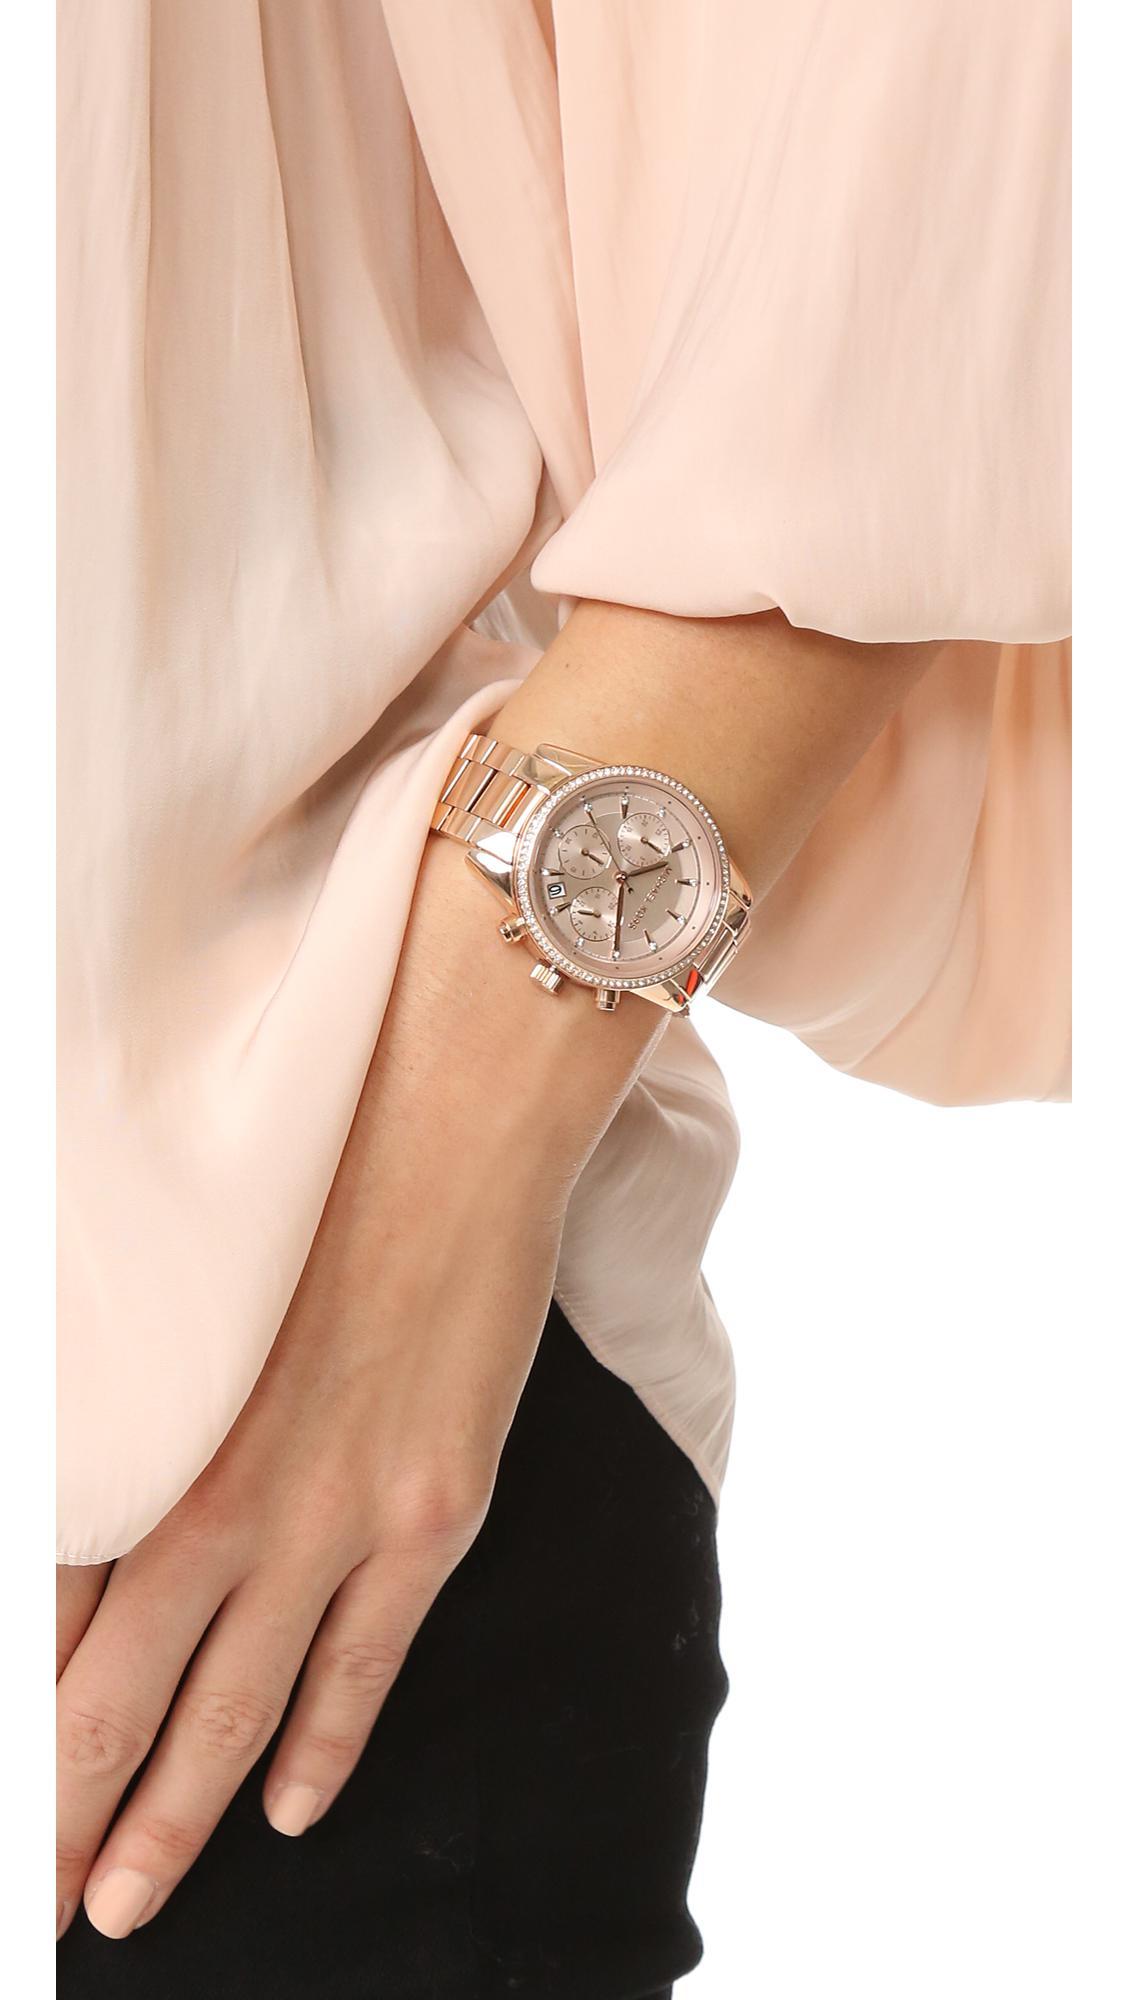 57f955e56d9f Lyst - Michael Kors Ritz Watch